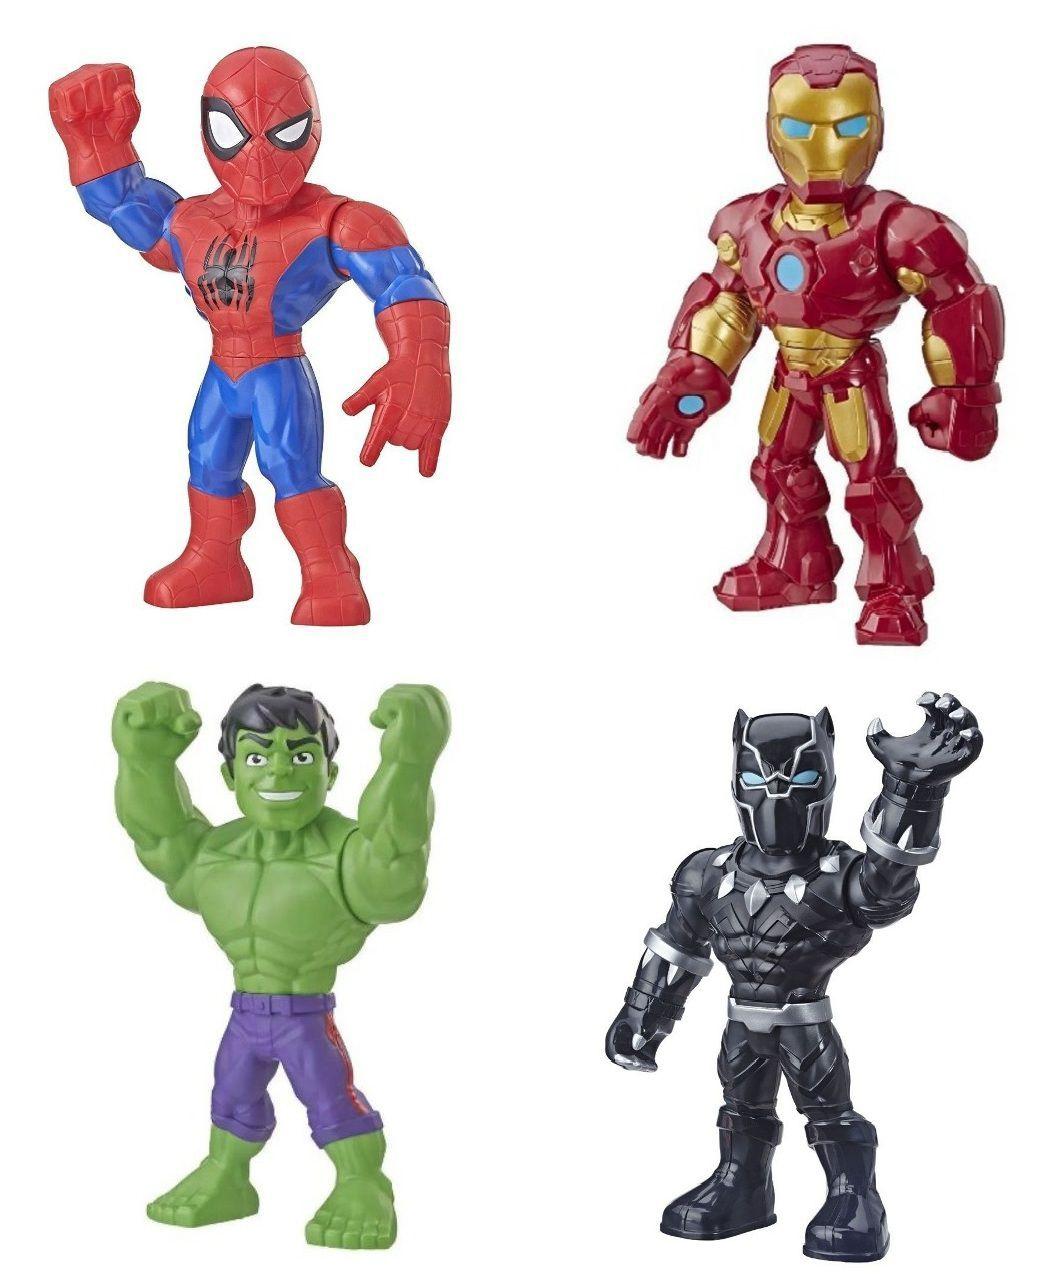 Boneco Articulado Marvel Super Hero Adventures Mega Mighties - Hasbro